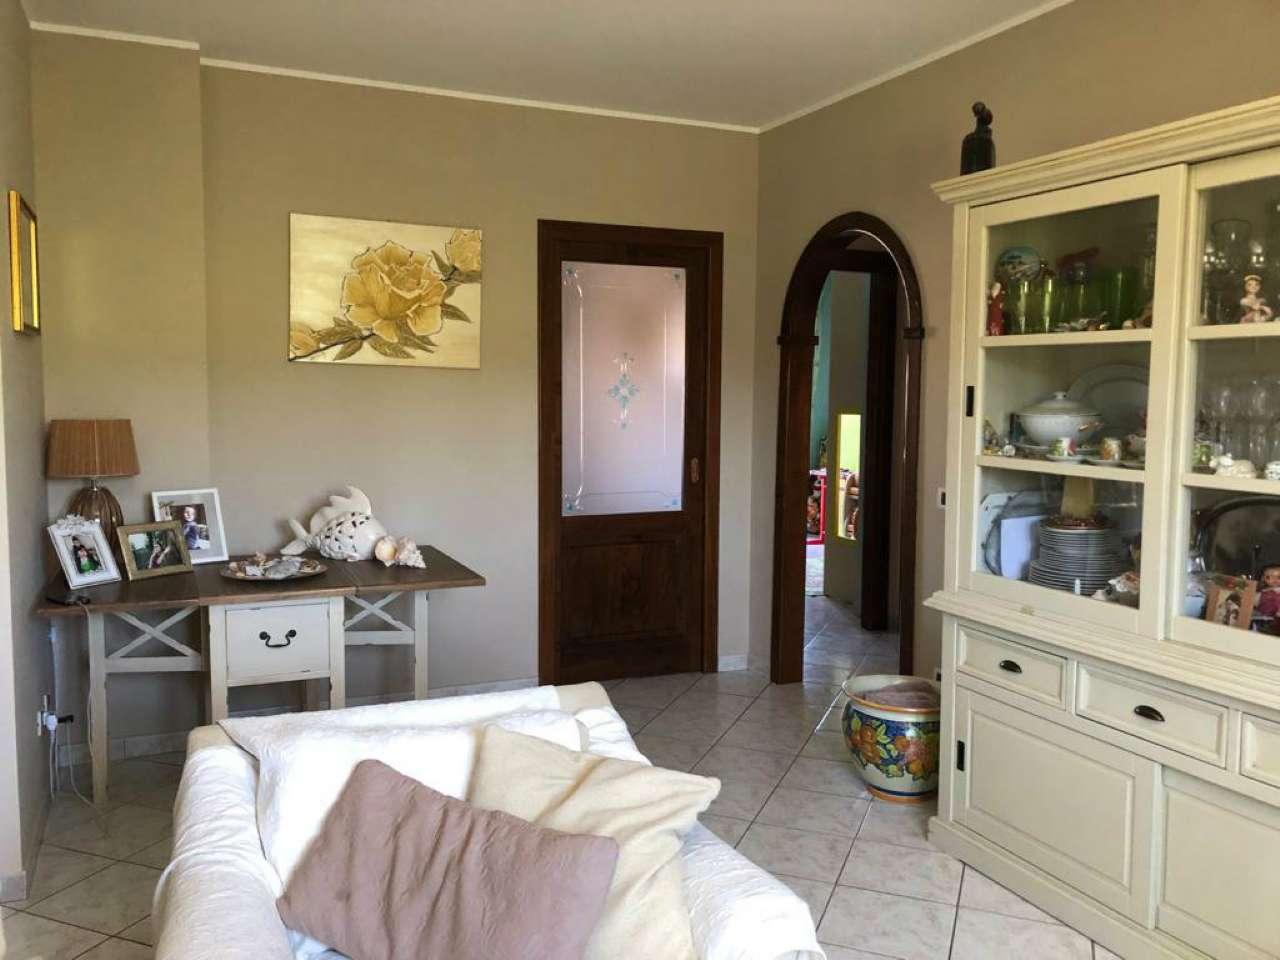 Appartamento in vendita a Guidonia Montecelio, 3 locali, prezzo € 140.000 | CambioCasa.it